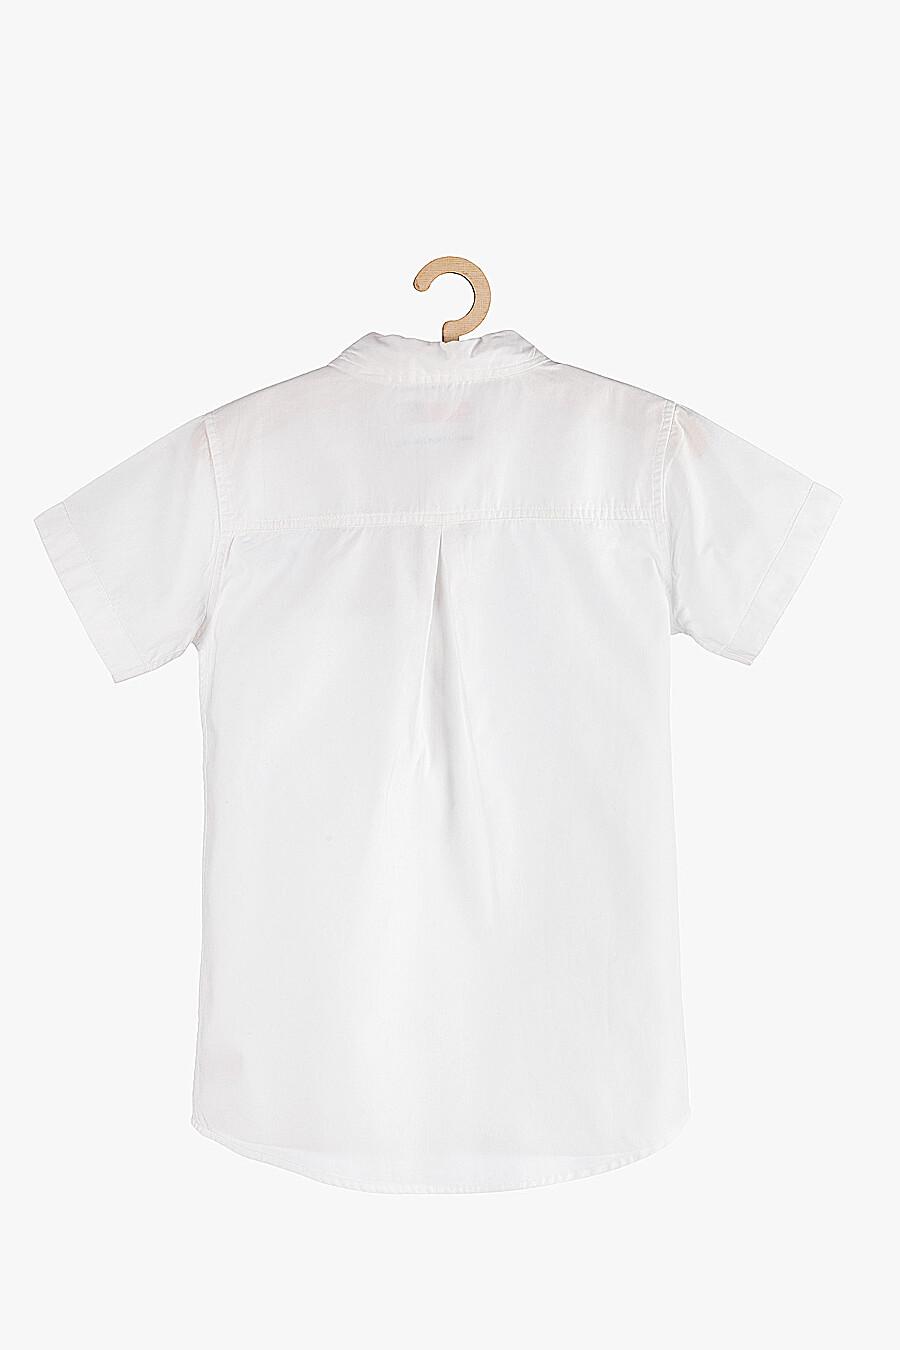 Рубашка для мальчиков 5.10.15 218381 купить оптом от производителя. Совместная покупка детской одежды в OptMoyo